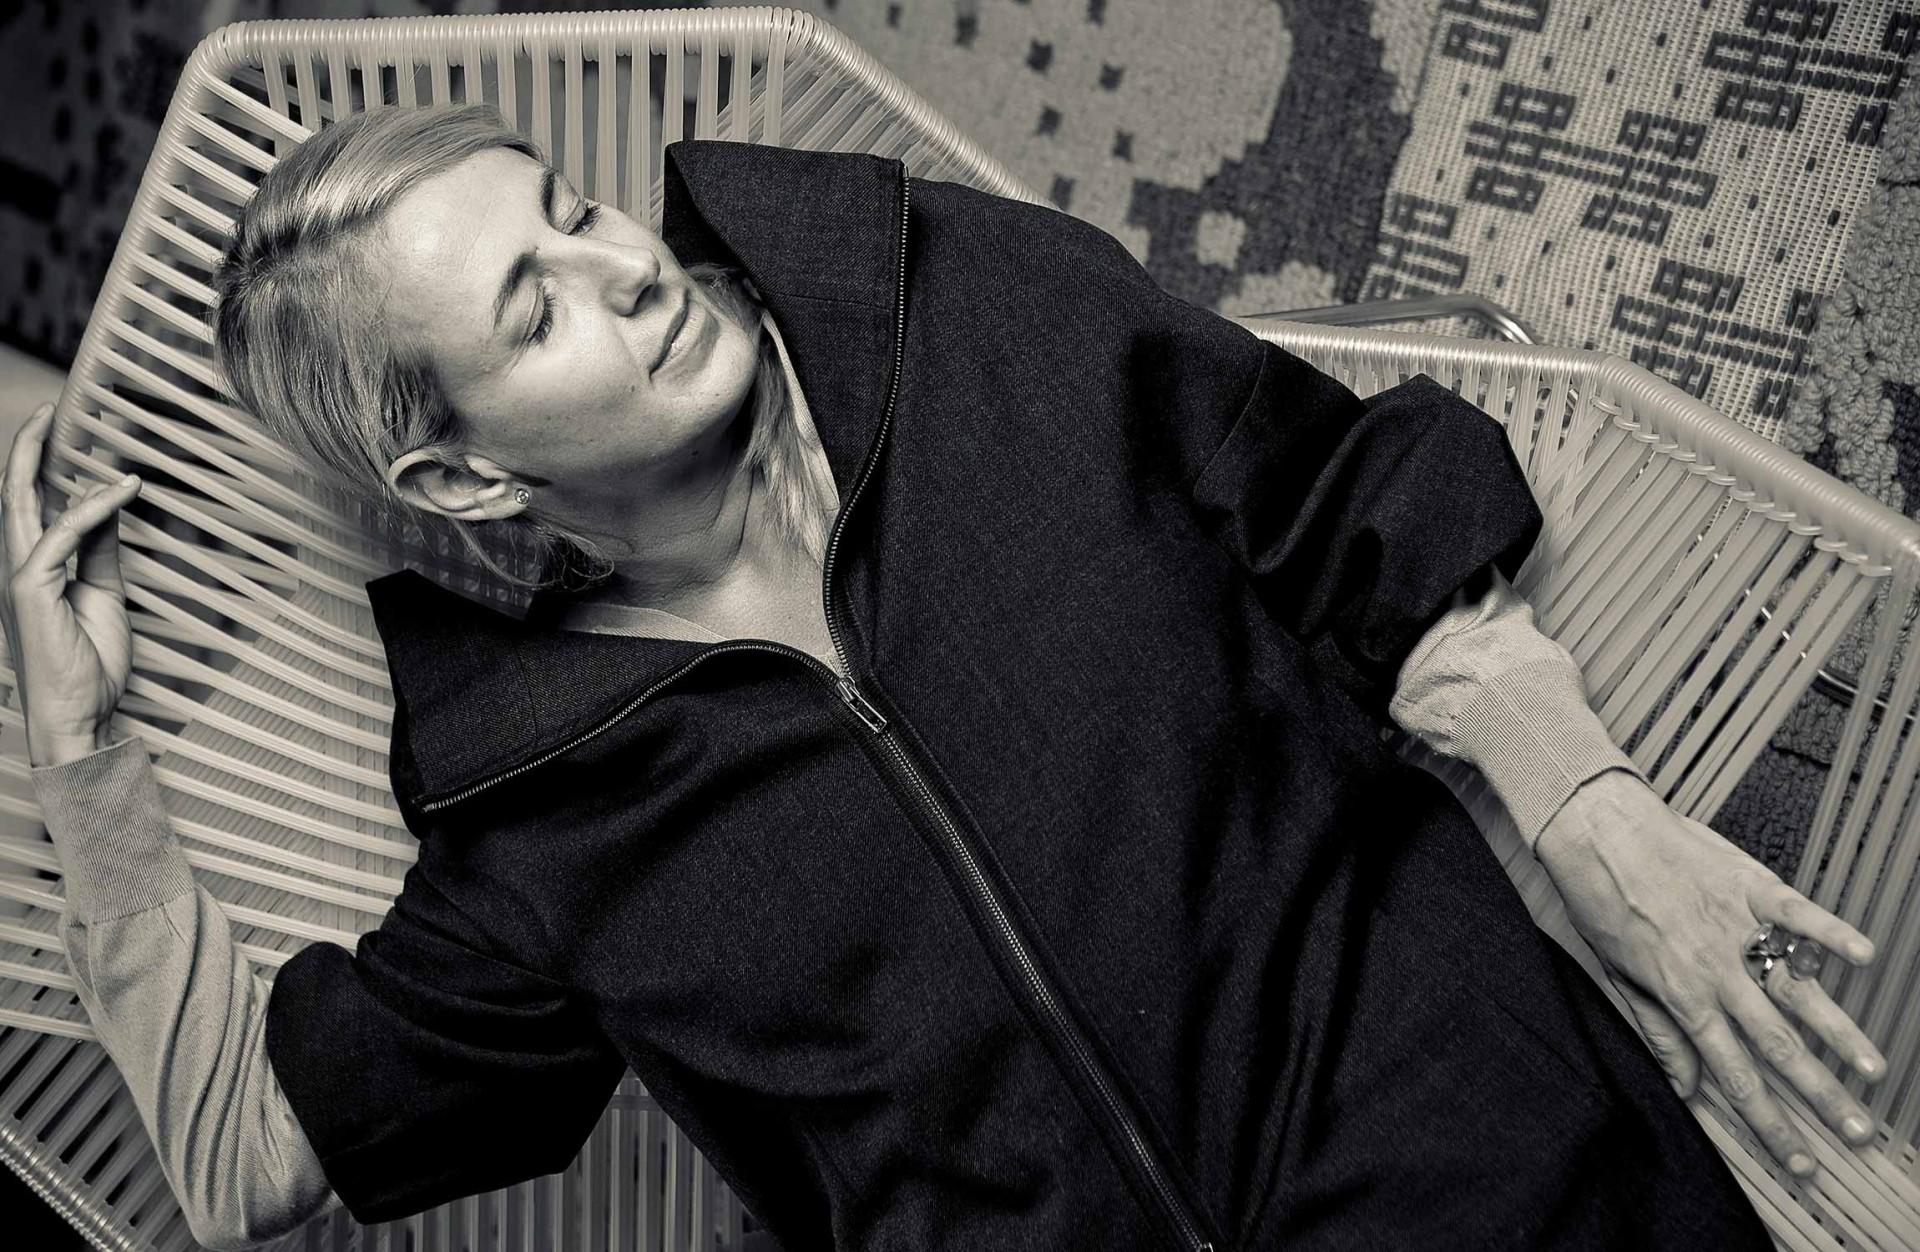 Designer-Patricia-Urquiola-per-Die-Zeit-photo-Gianluigi-Di-Napoli-31